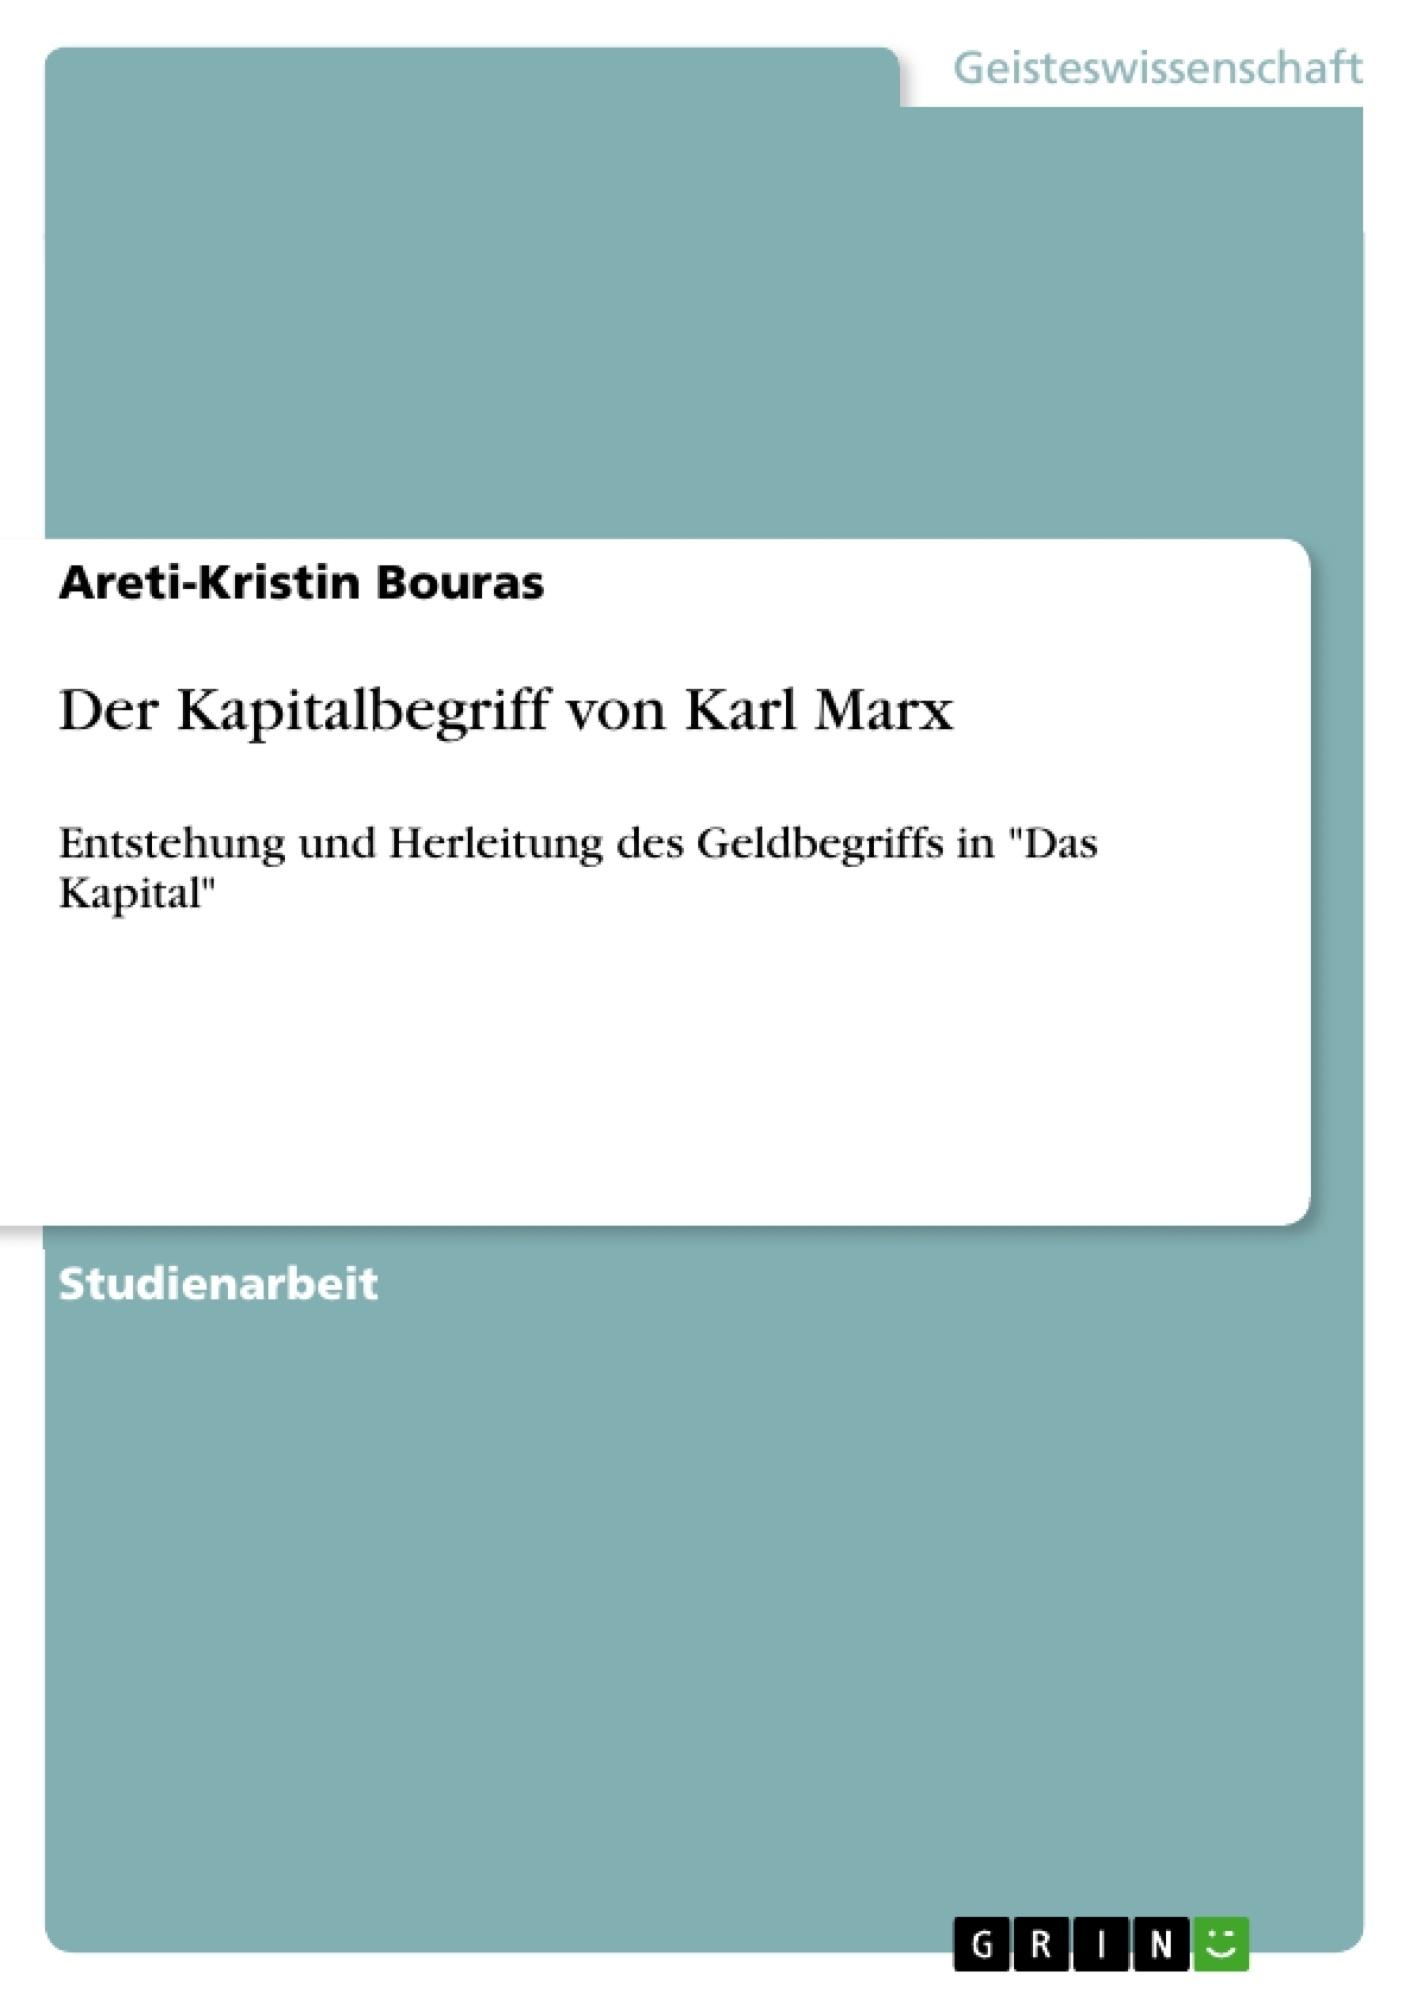 Titel: Der Kapitalbegriff von Karl Marx